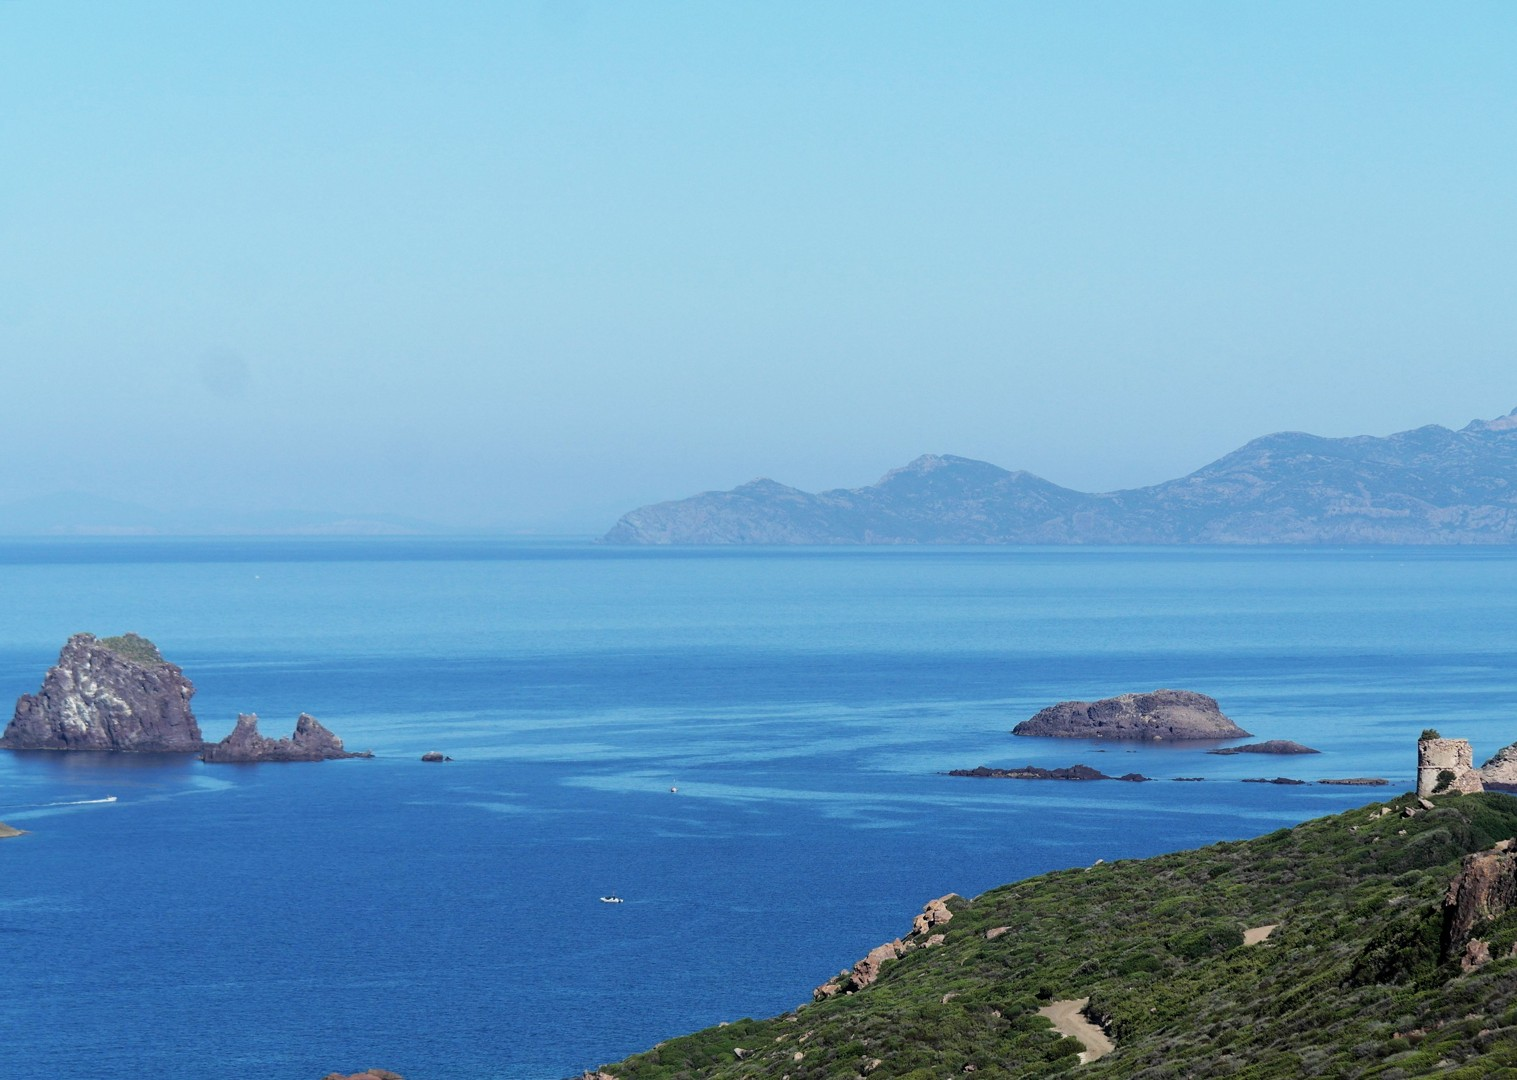 skedaddle-sardinia-leisure-cycling-holiday.jpg - Italy - Sardinia - West Coast Wonders - Self-Guided Leisure Cycling Holiday - Leisure Cycling